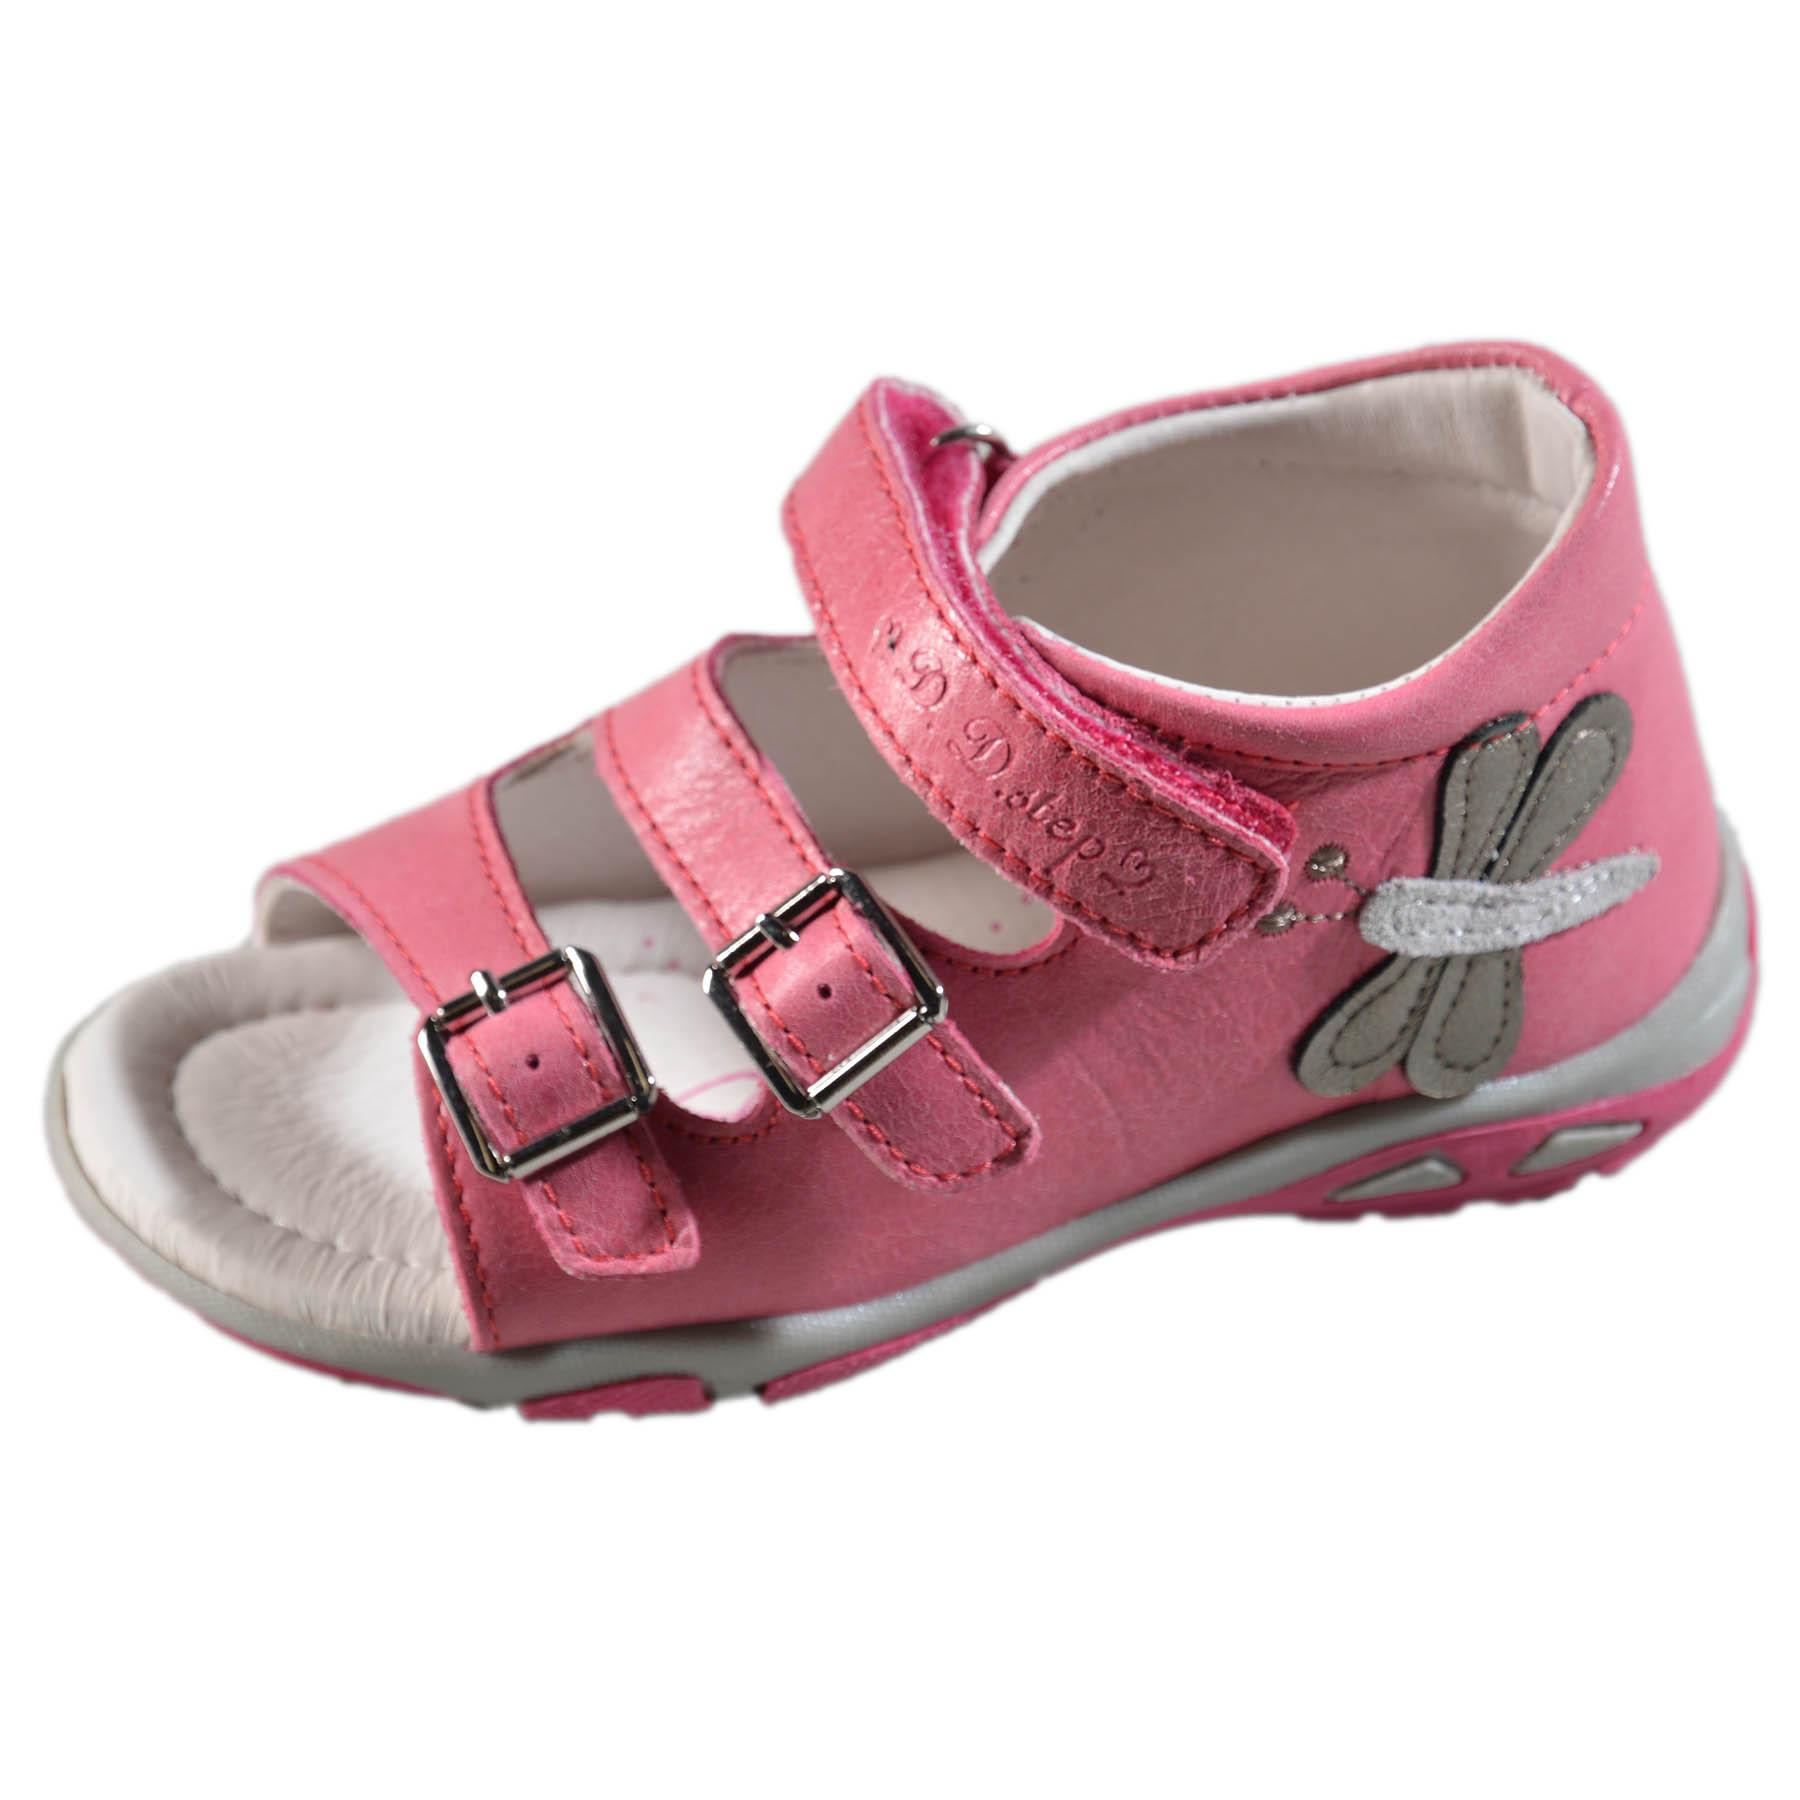 e9fcfa573037 Dievčenské kožené sandále-Dark Pink DDstep - AC290-7042DM ...